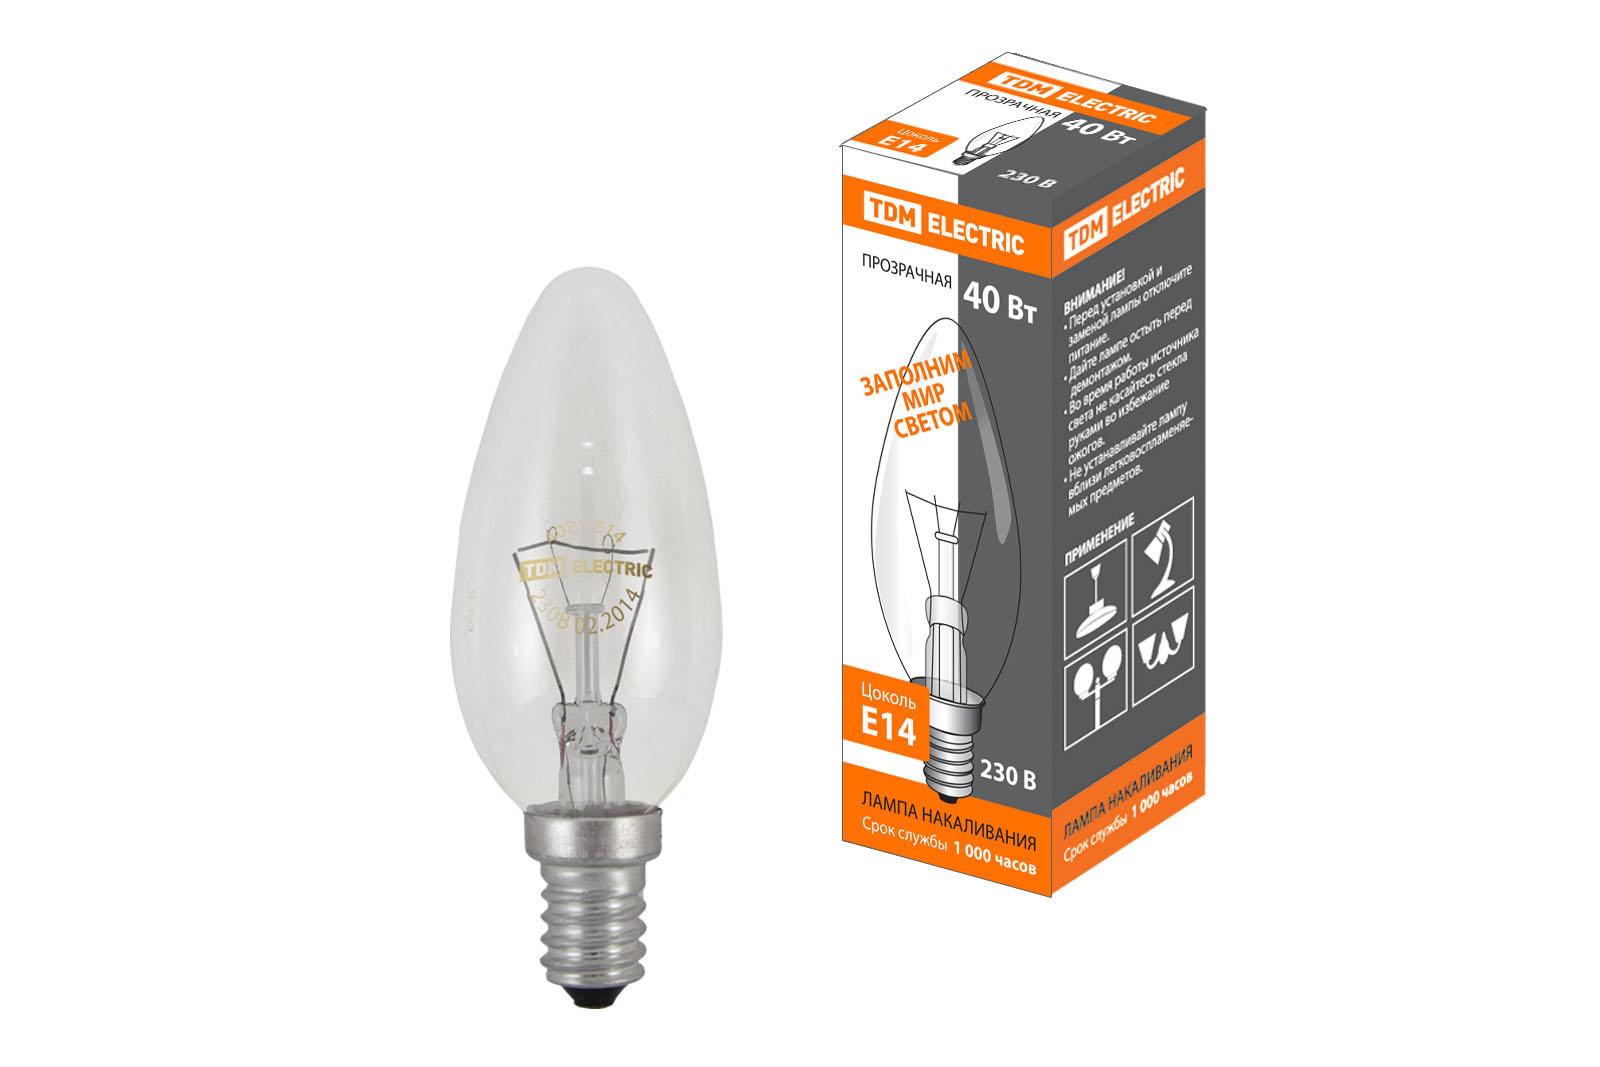 """Фото Лампа накаливания """"Свеча прозрачная"""" 40 Вт-230 В-Е14 TDM {SQ0332-0009}"""